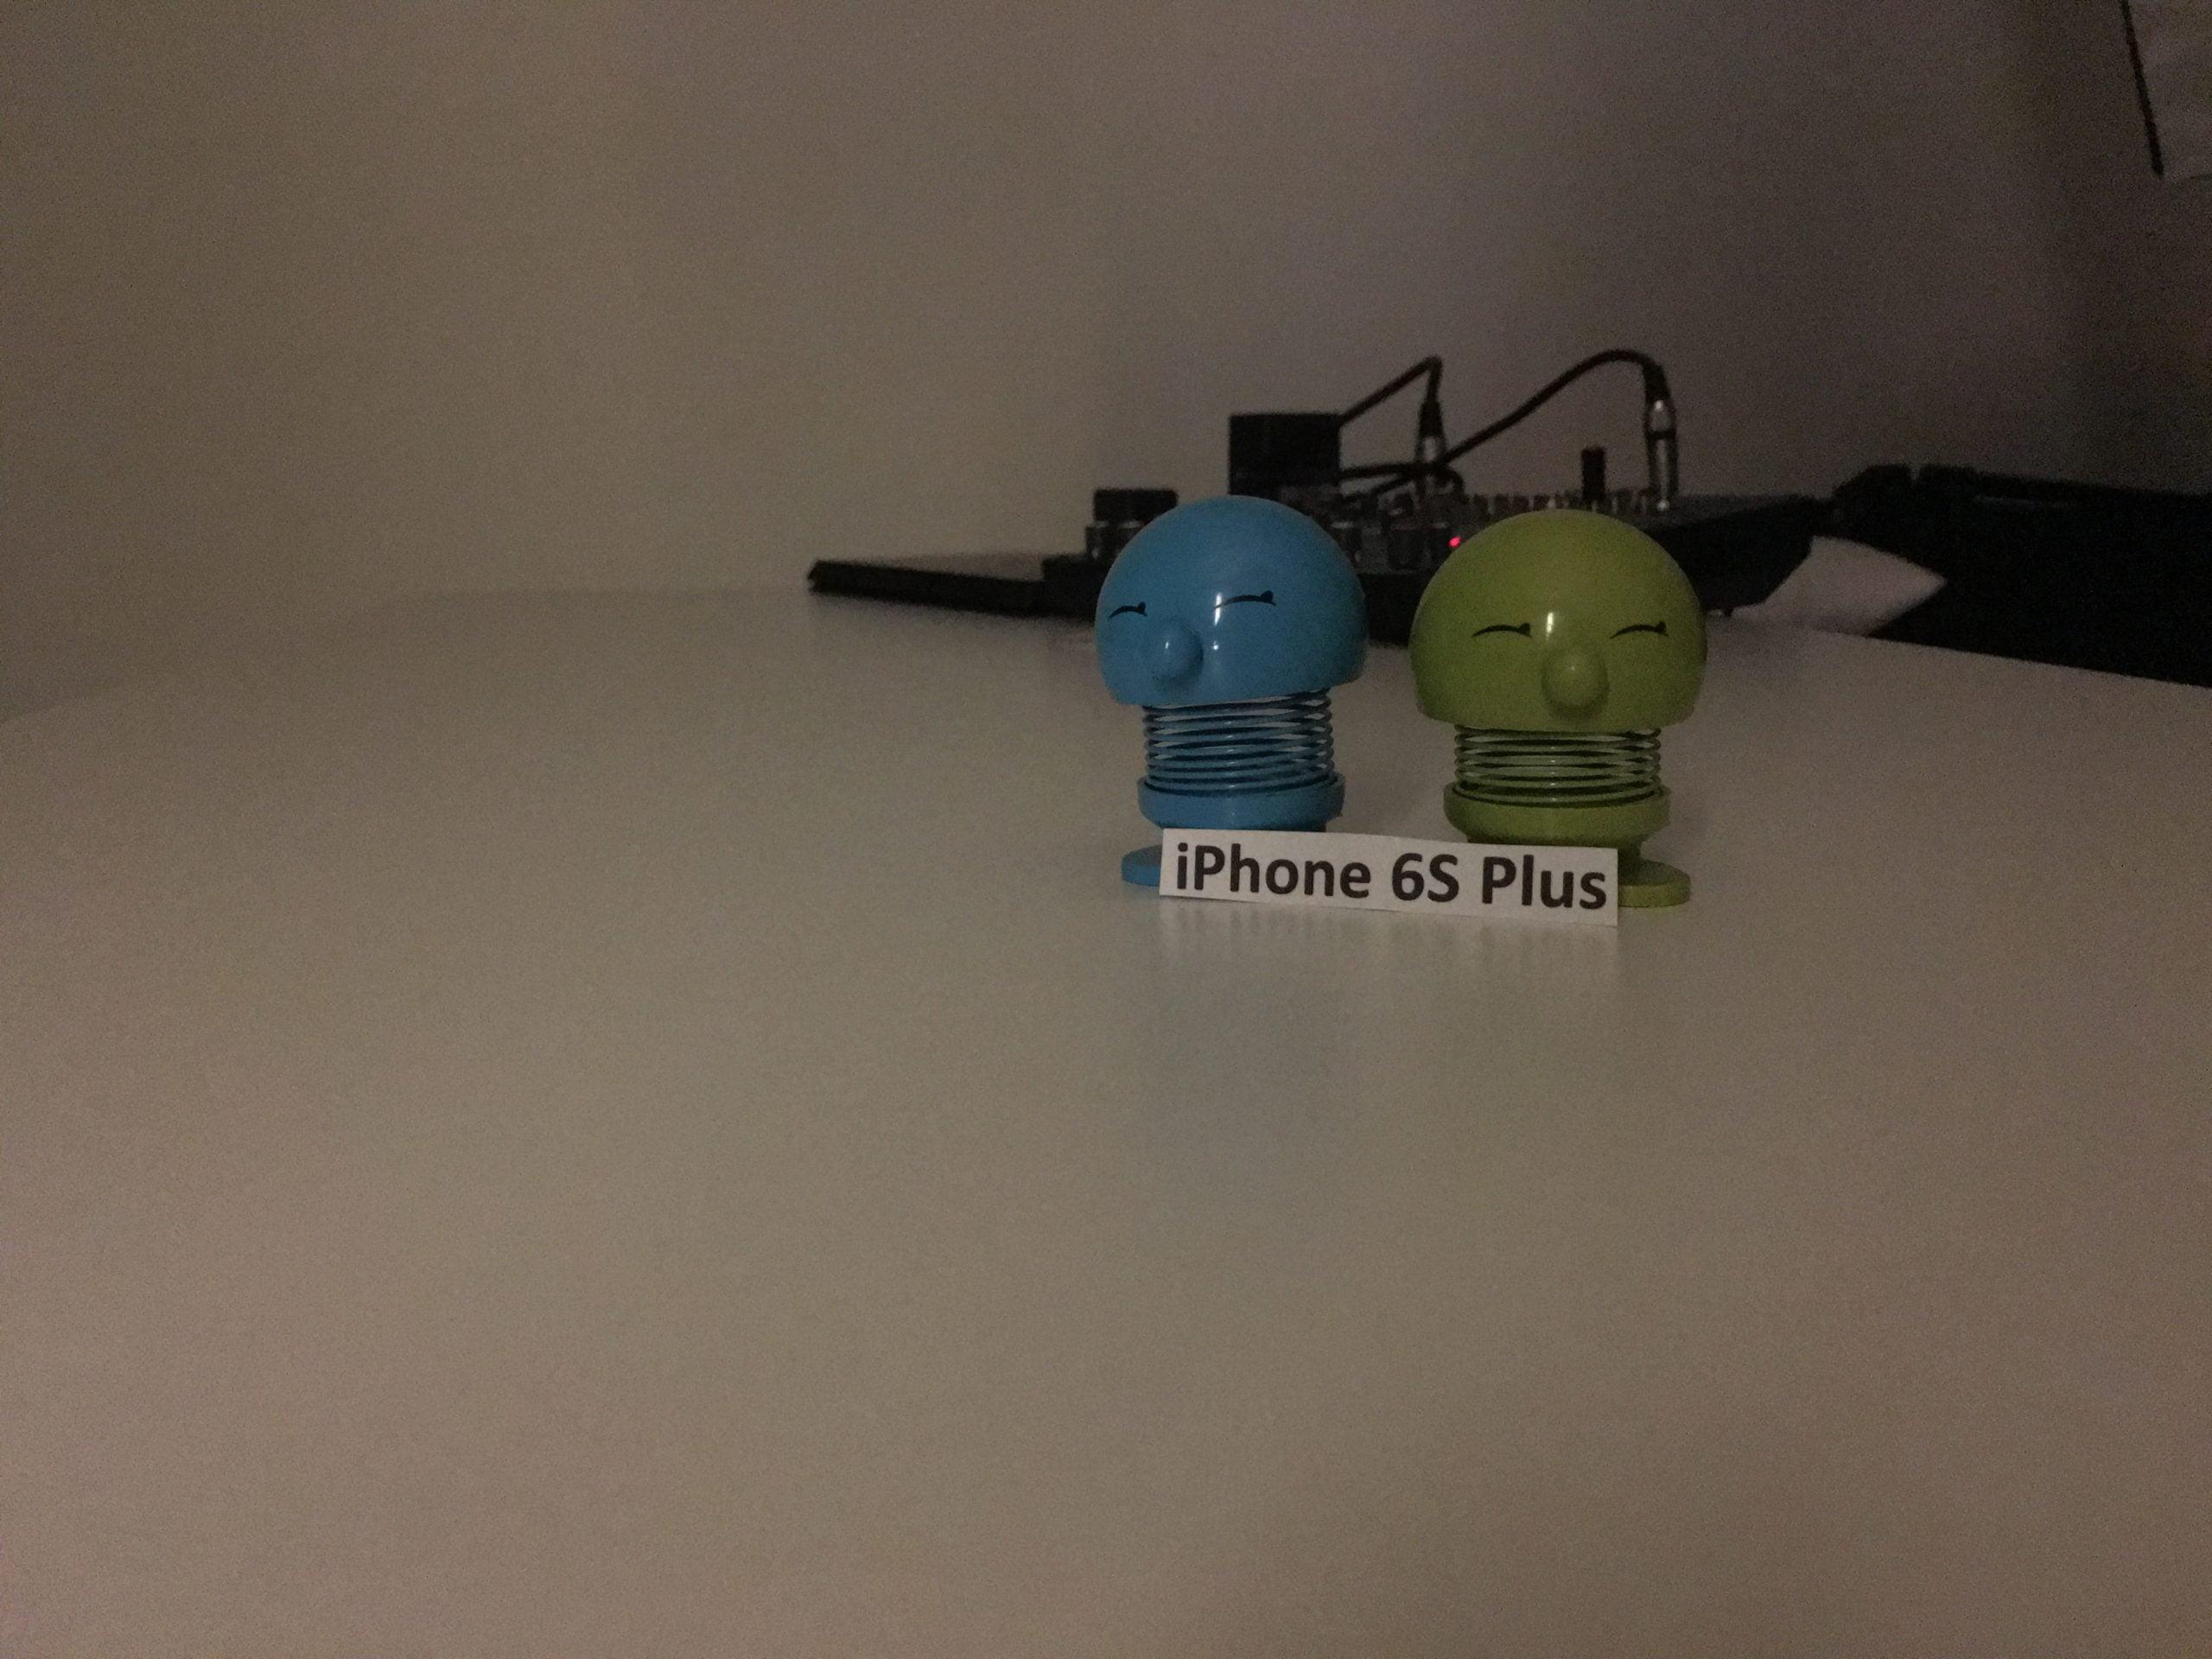 Foto taget med iPhone 6S Plus i et mørkt rum uden fotolys